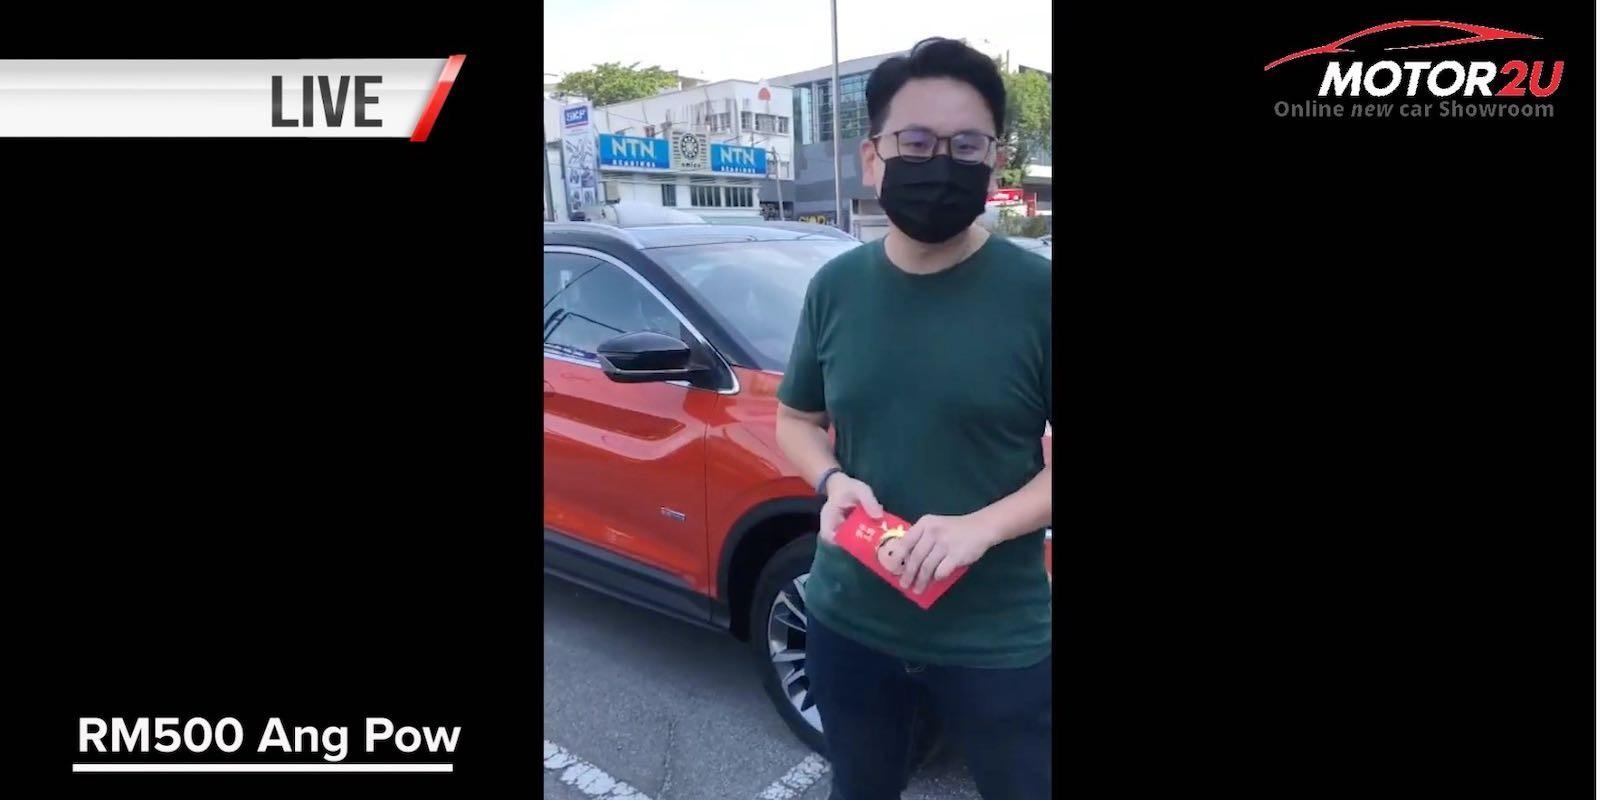 Motor2U's RM500 Ang Pow give-away